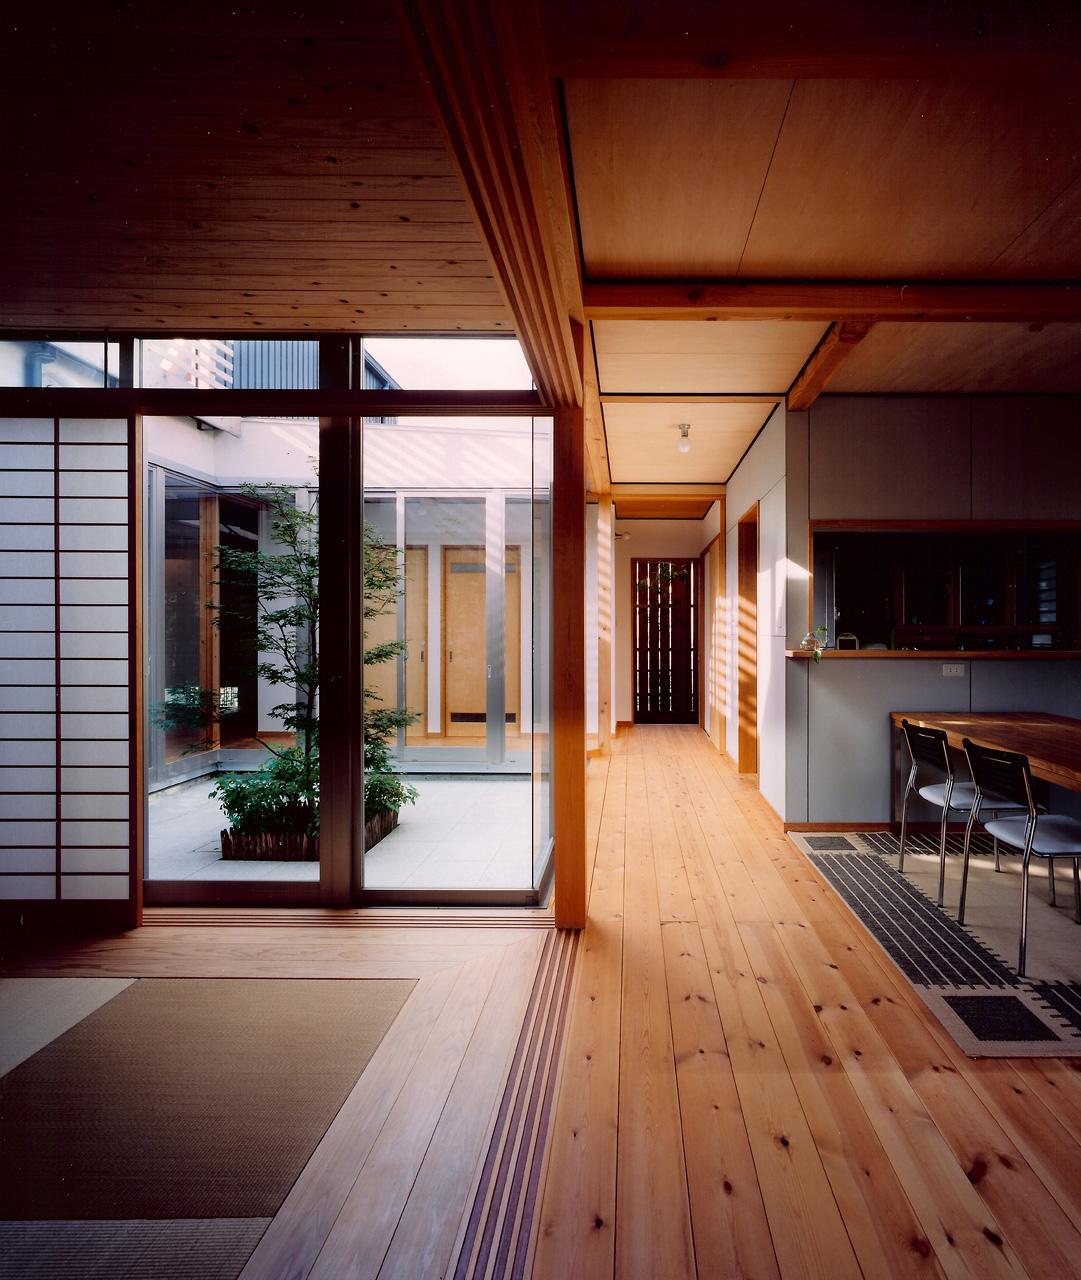 リビングからキッチンと中庭を見る: 中庭に沿った廊下はいつも光に溢れています